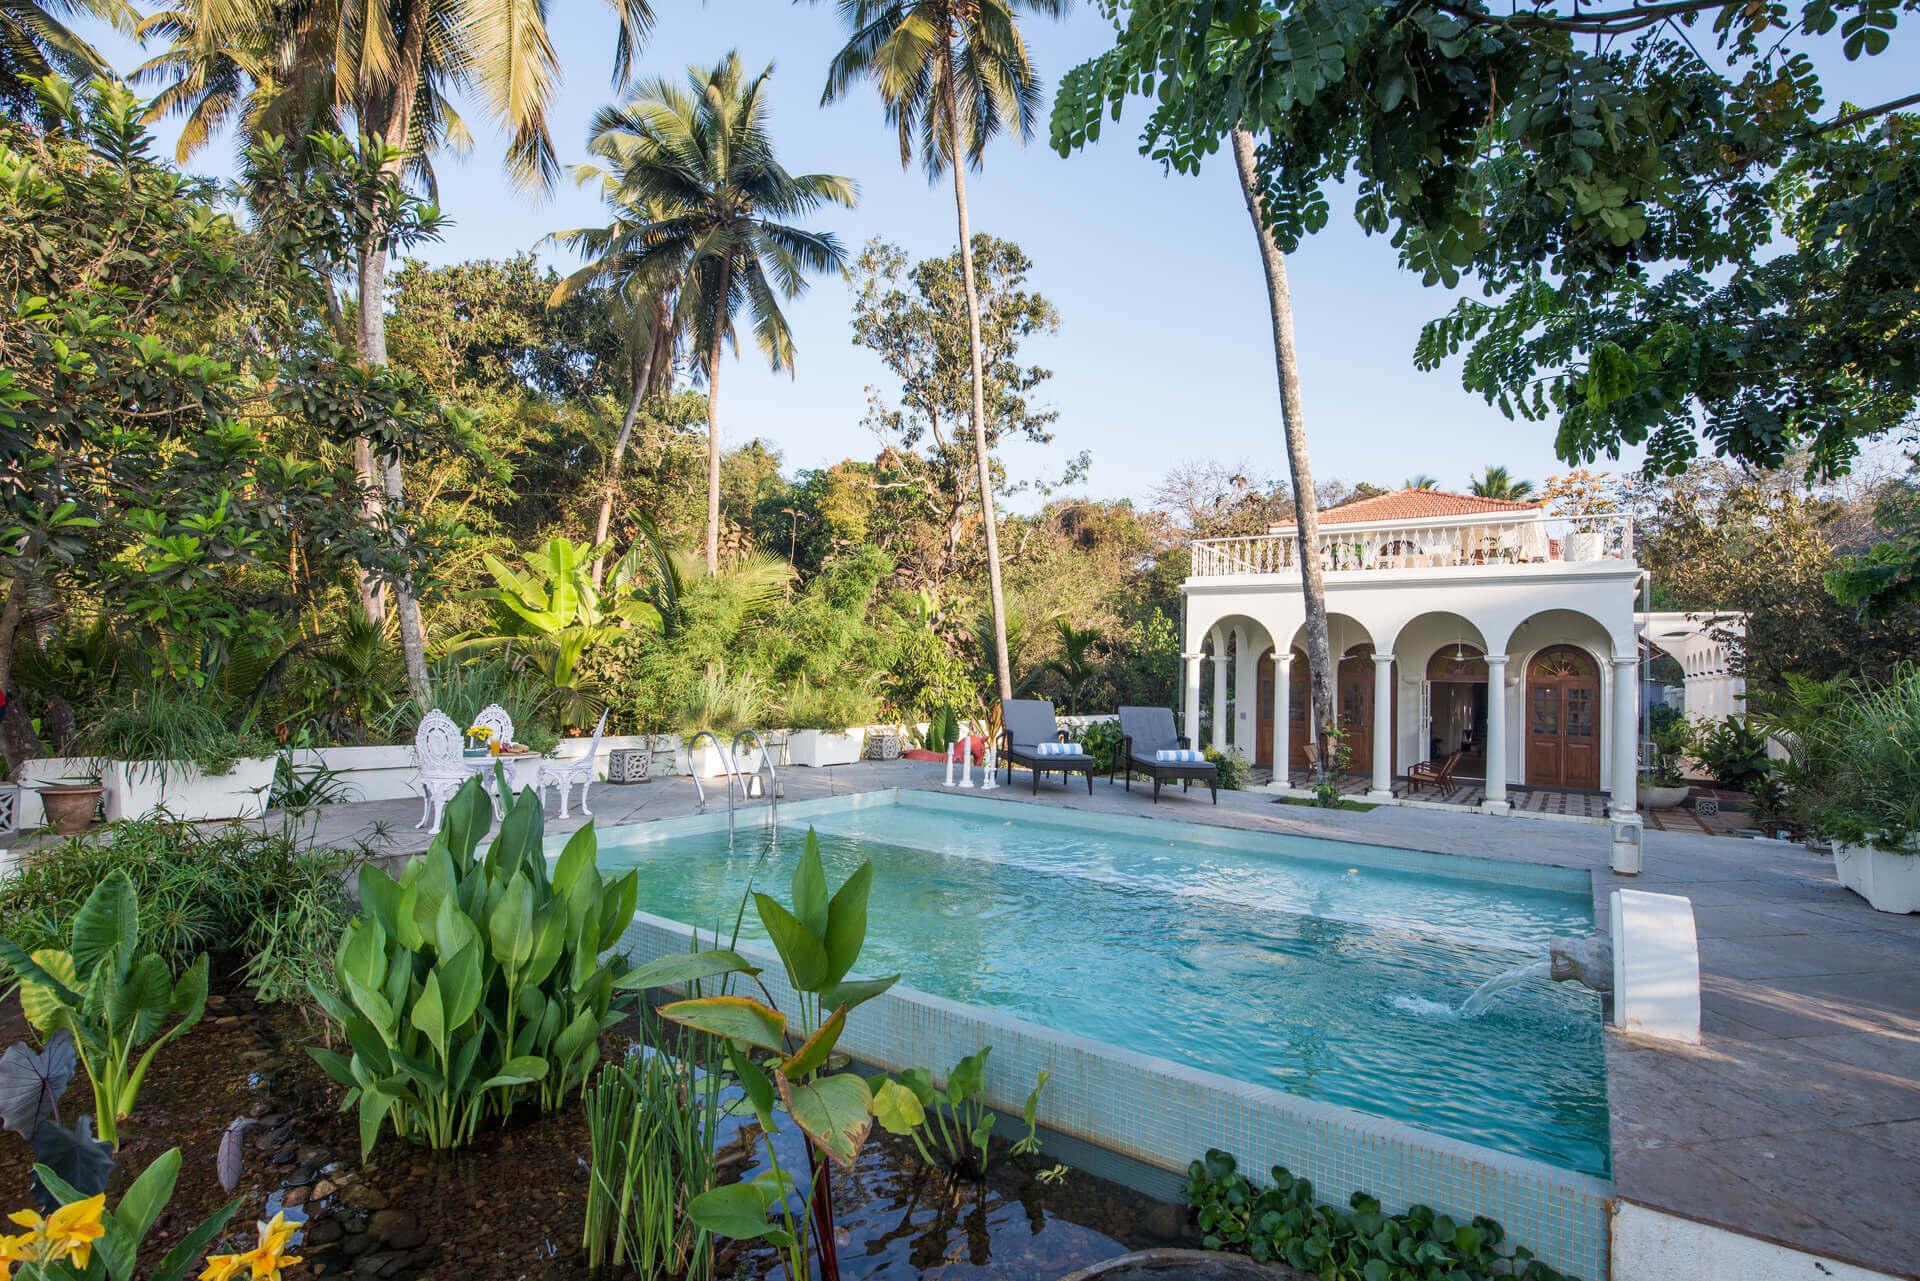 Private Villa for rent in Goa - Villa Loto Bianco